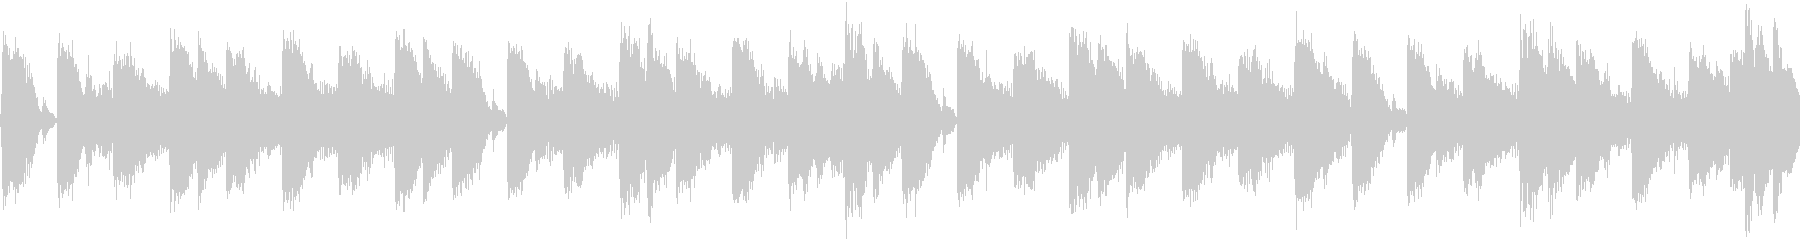 80年代のテクノポップ風ジングル_ループの未再生の波形